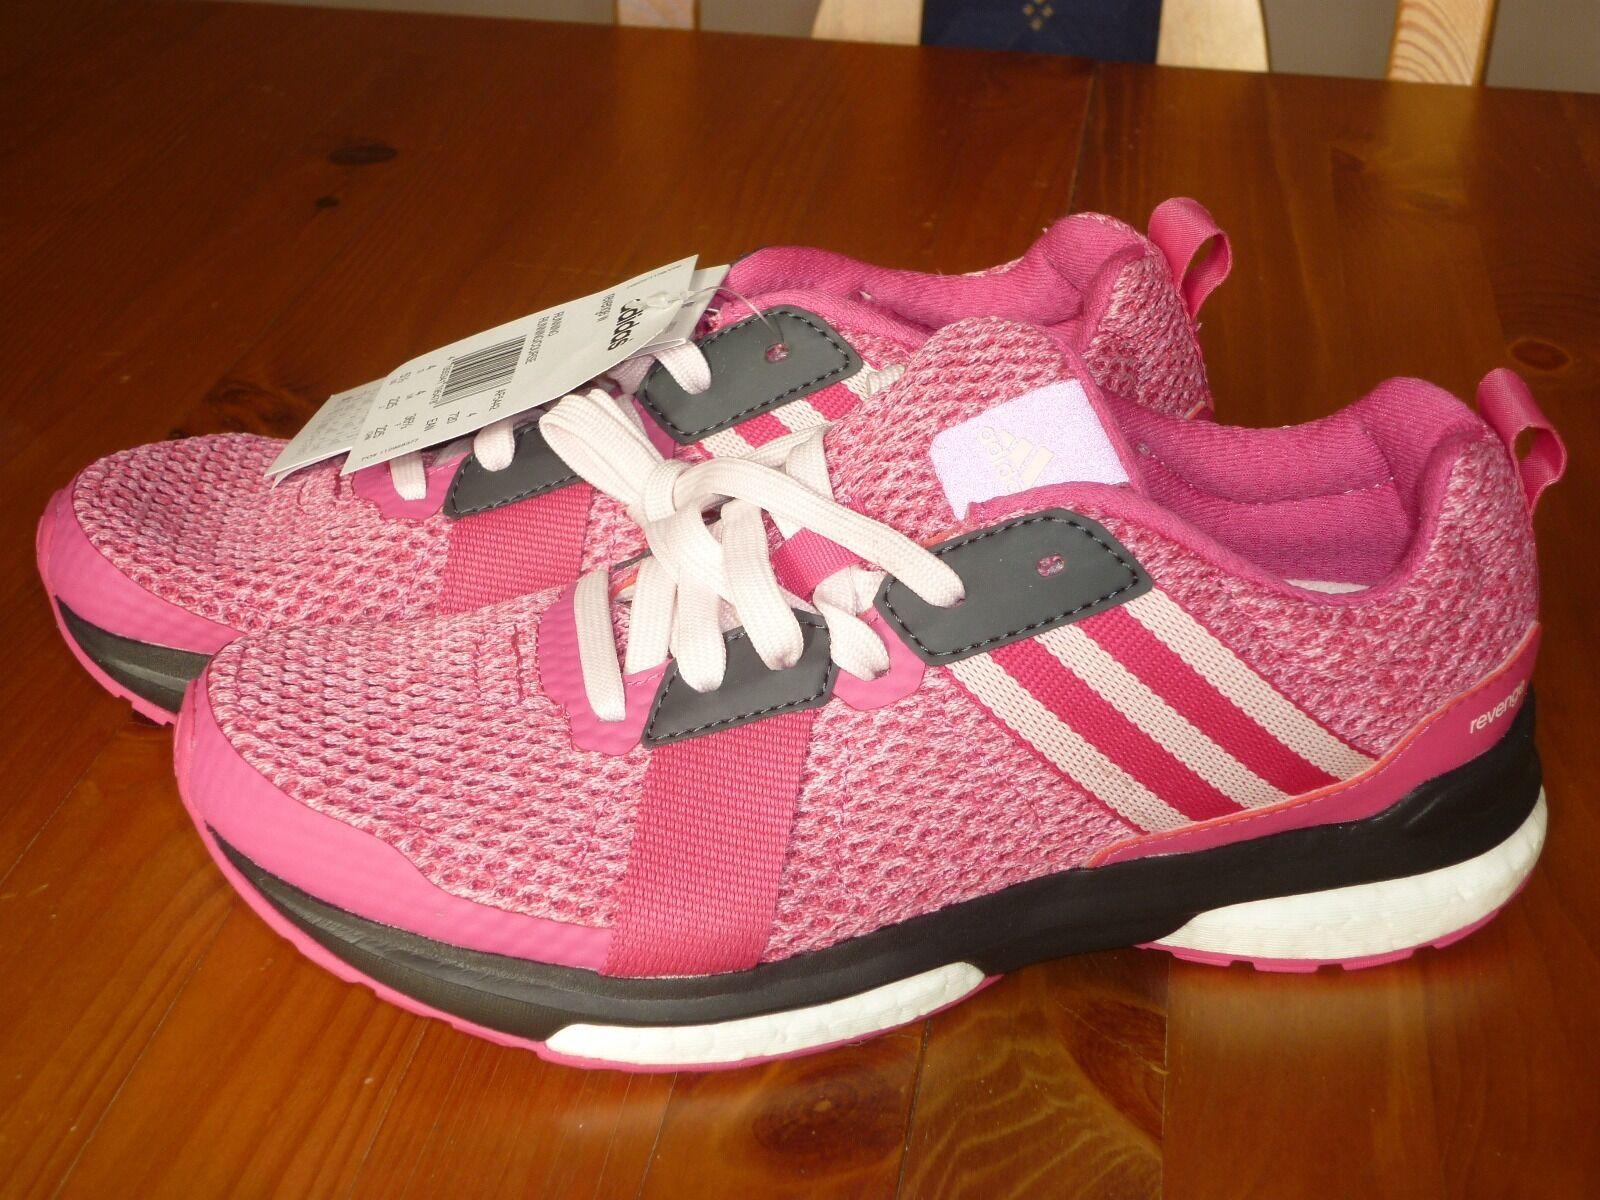 ADIDAS REVENGE Damenschuhe RUNNING 2/3 TRAINERS SIZE 4 EUR 36 2/3 RUNNING BNWT 7d8eba